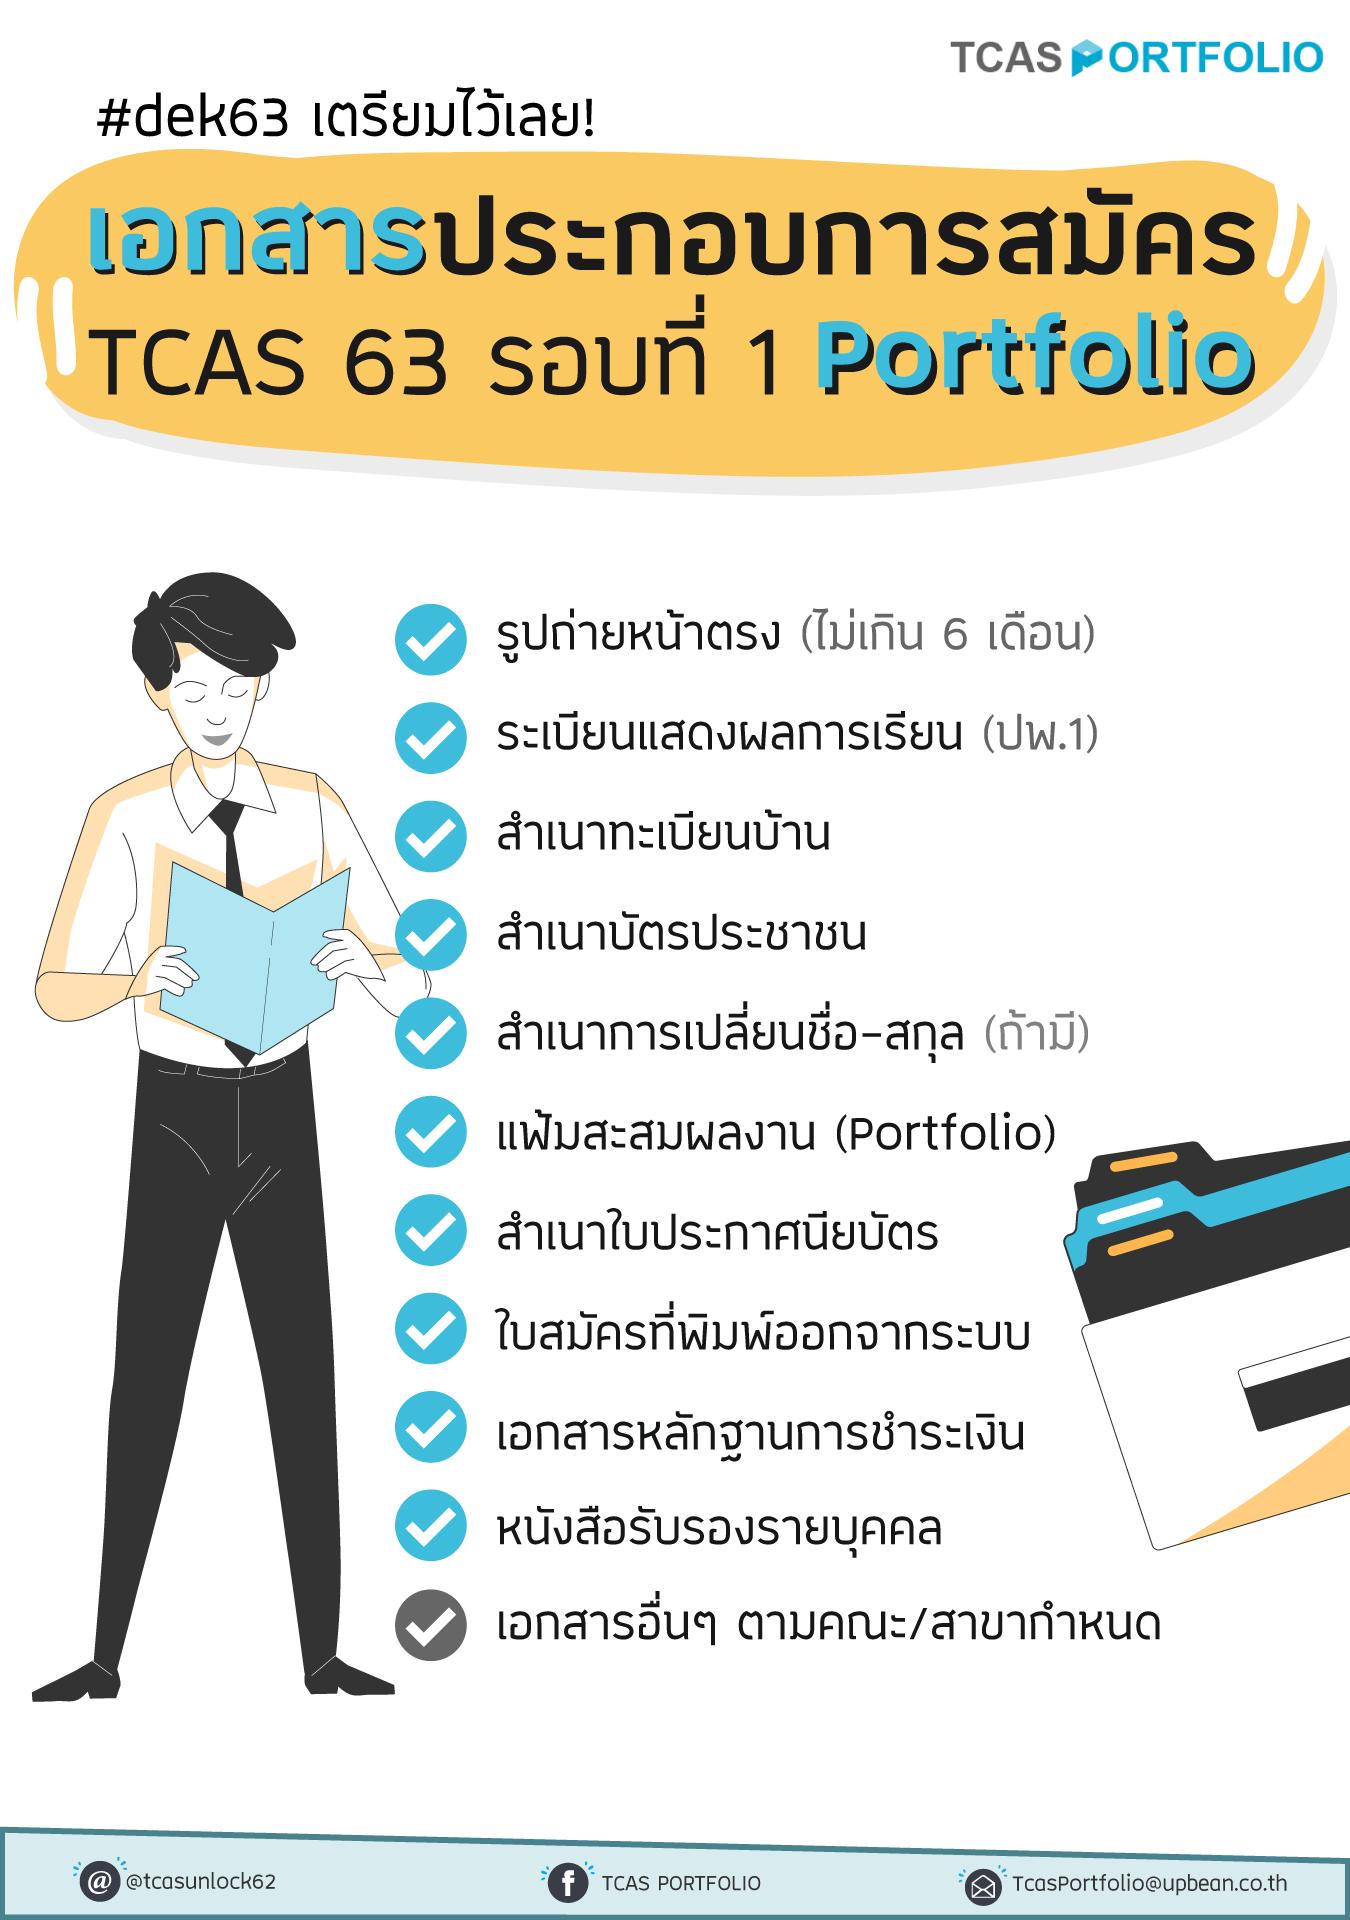 เตรียมเลย! เอกสารประกอบการสมัคร TCAS 63 รอบที่ 1 Portfolio มีอะไรบ้าง , การยื่นพอร์ตเข้ามหาลัย